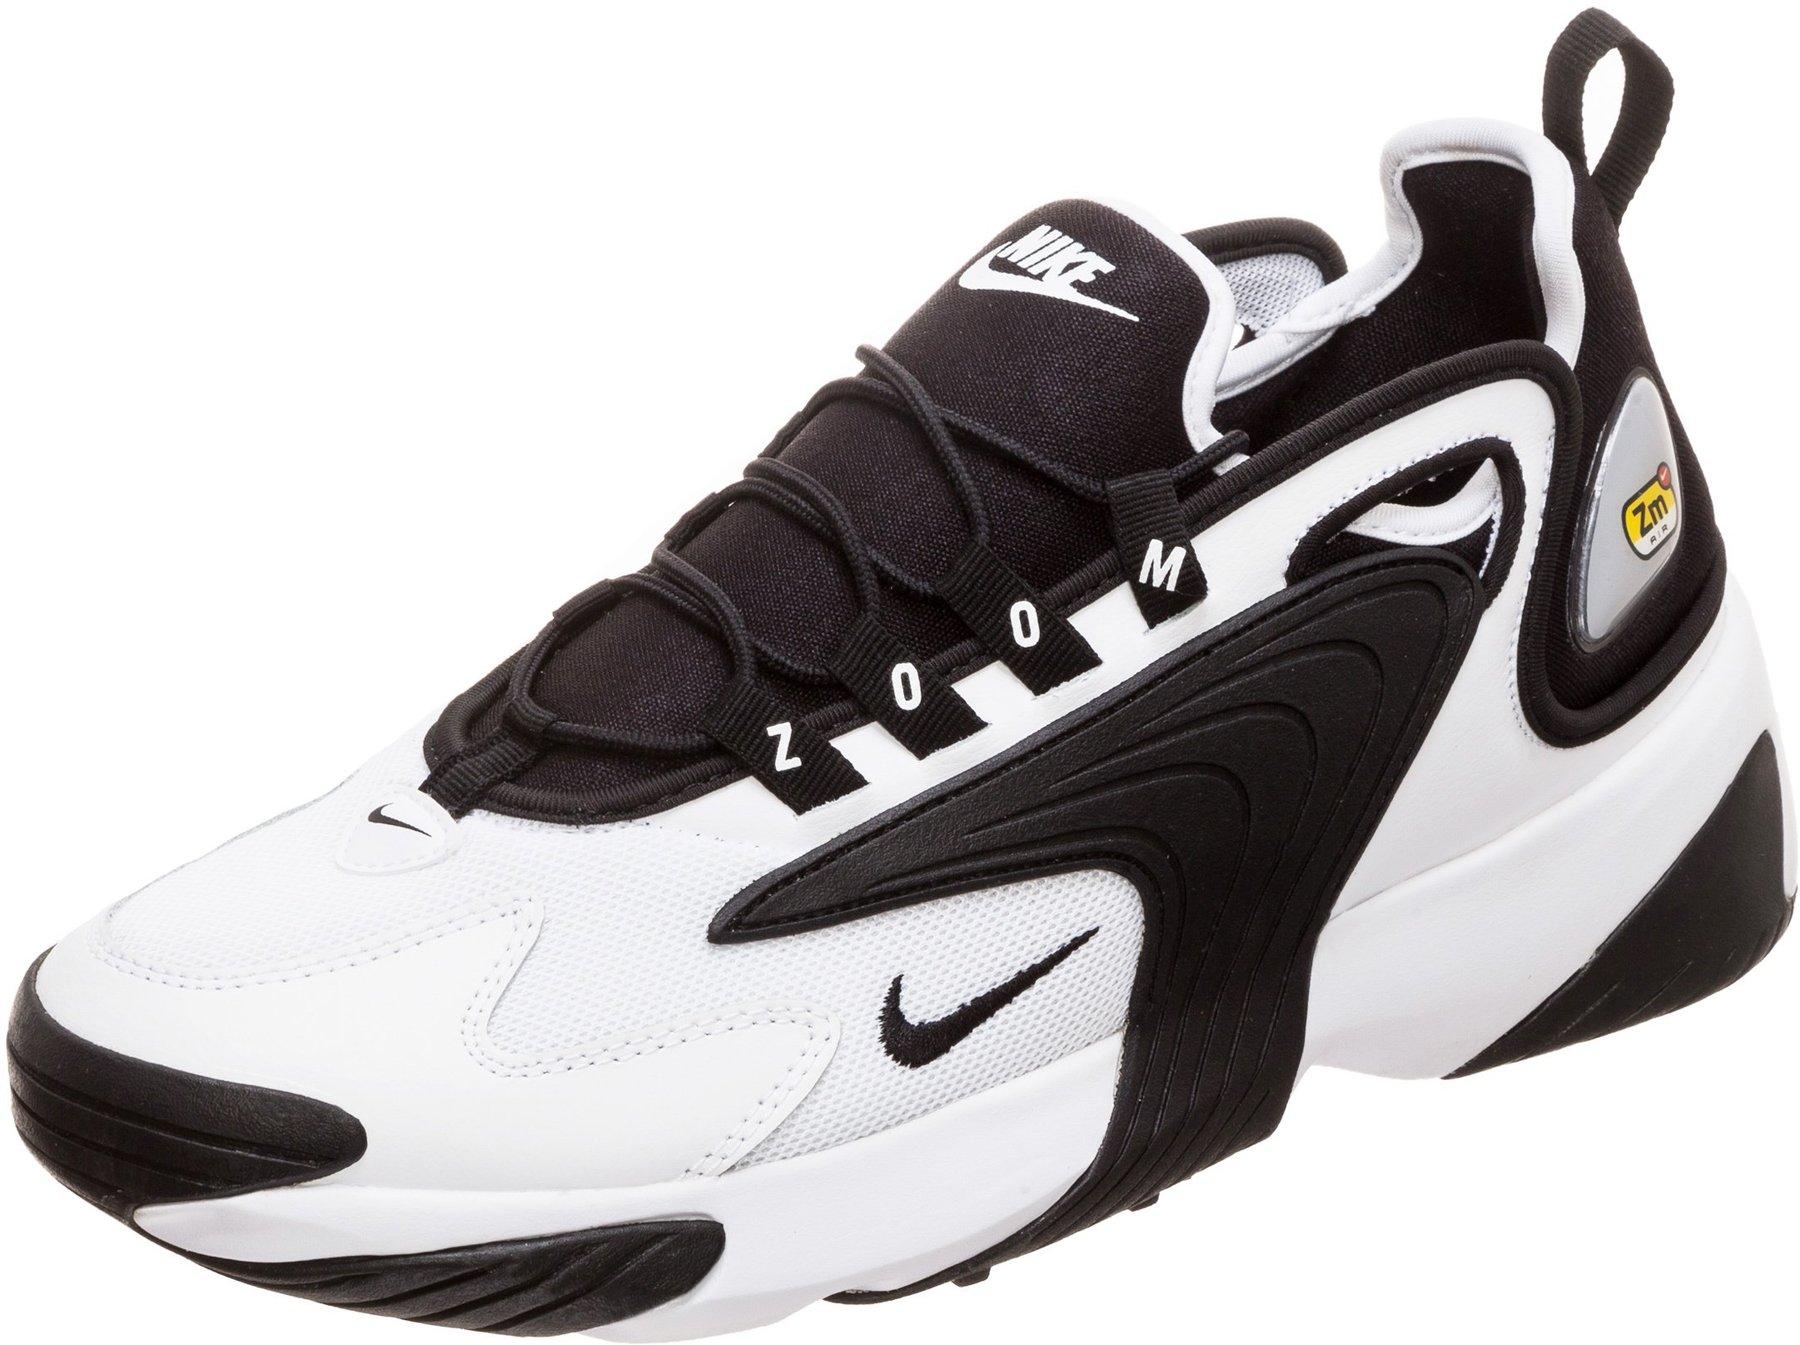 Nike Zoom 2K whiteblack